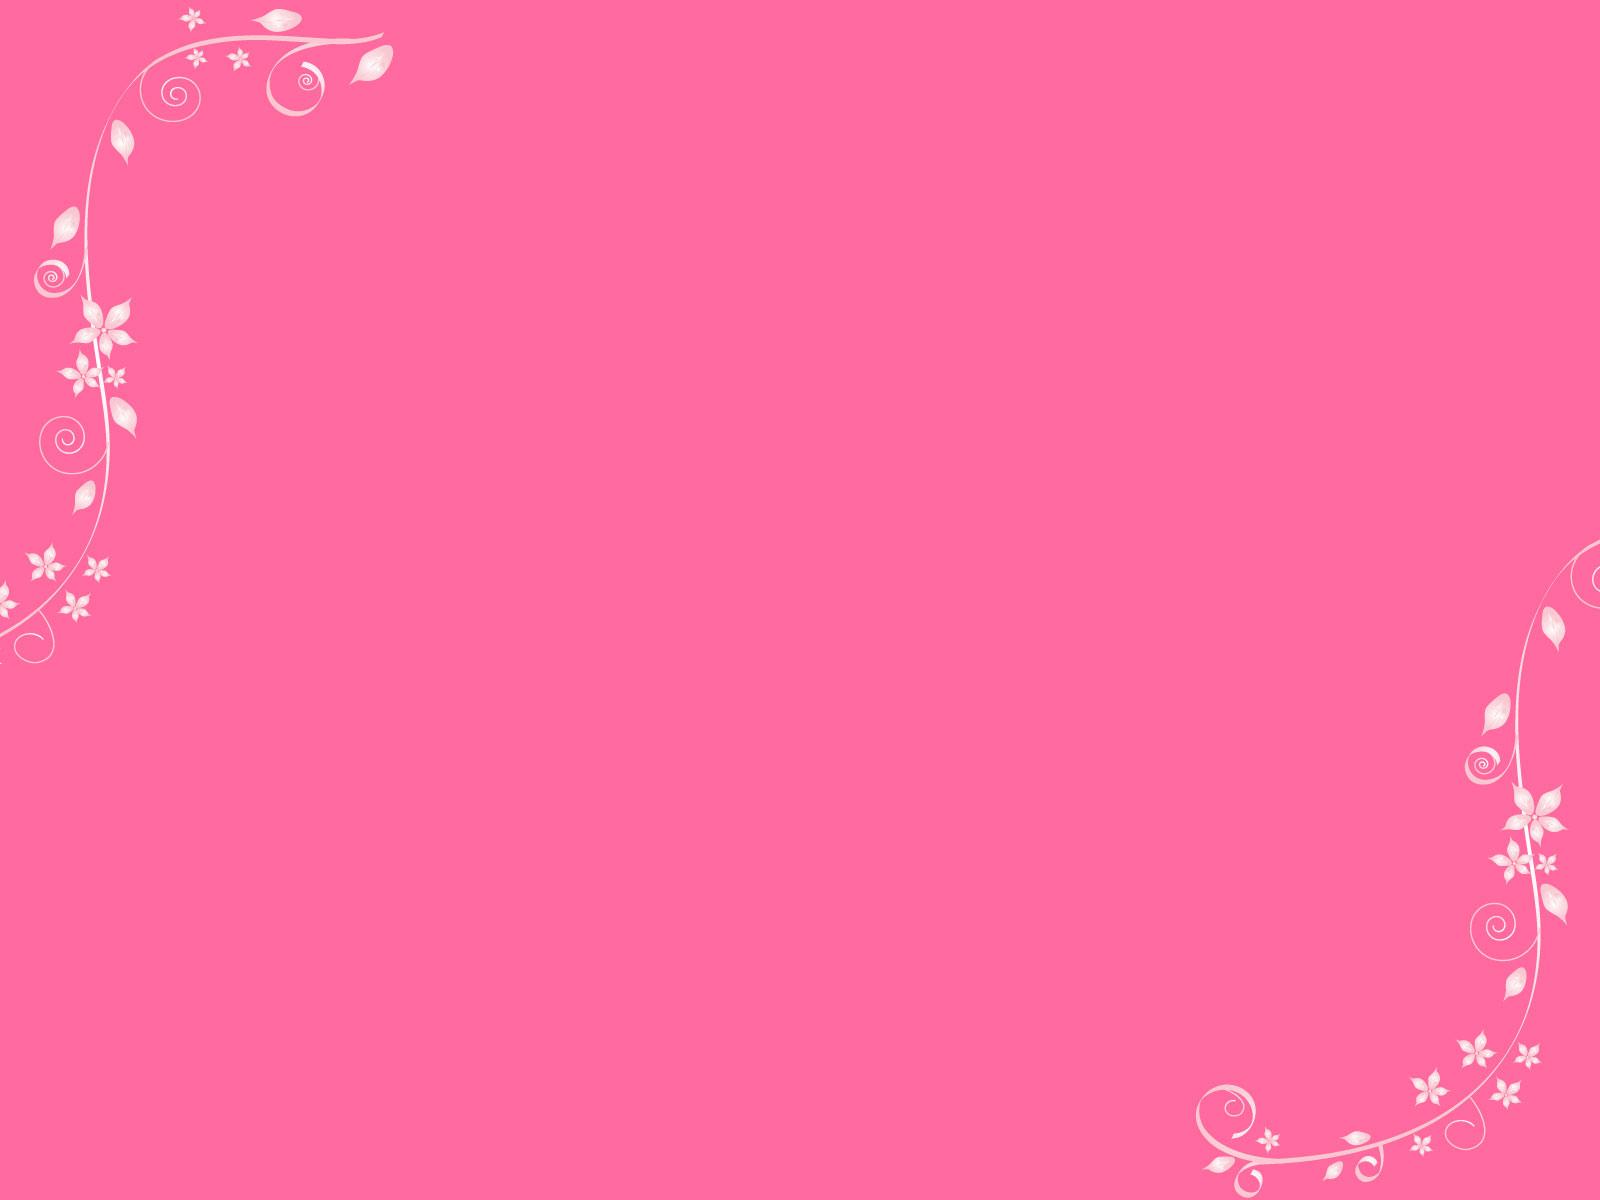 Hình nền Powerpoint màu hồng chuyên nghiệp